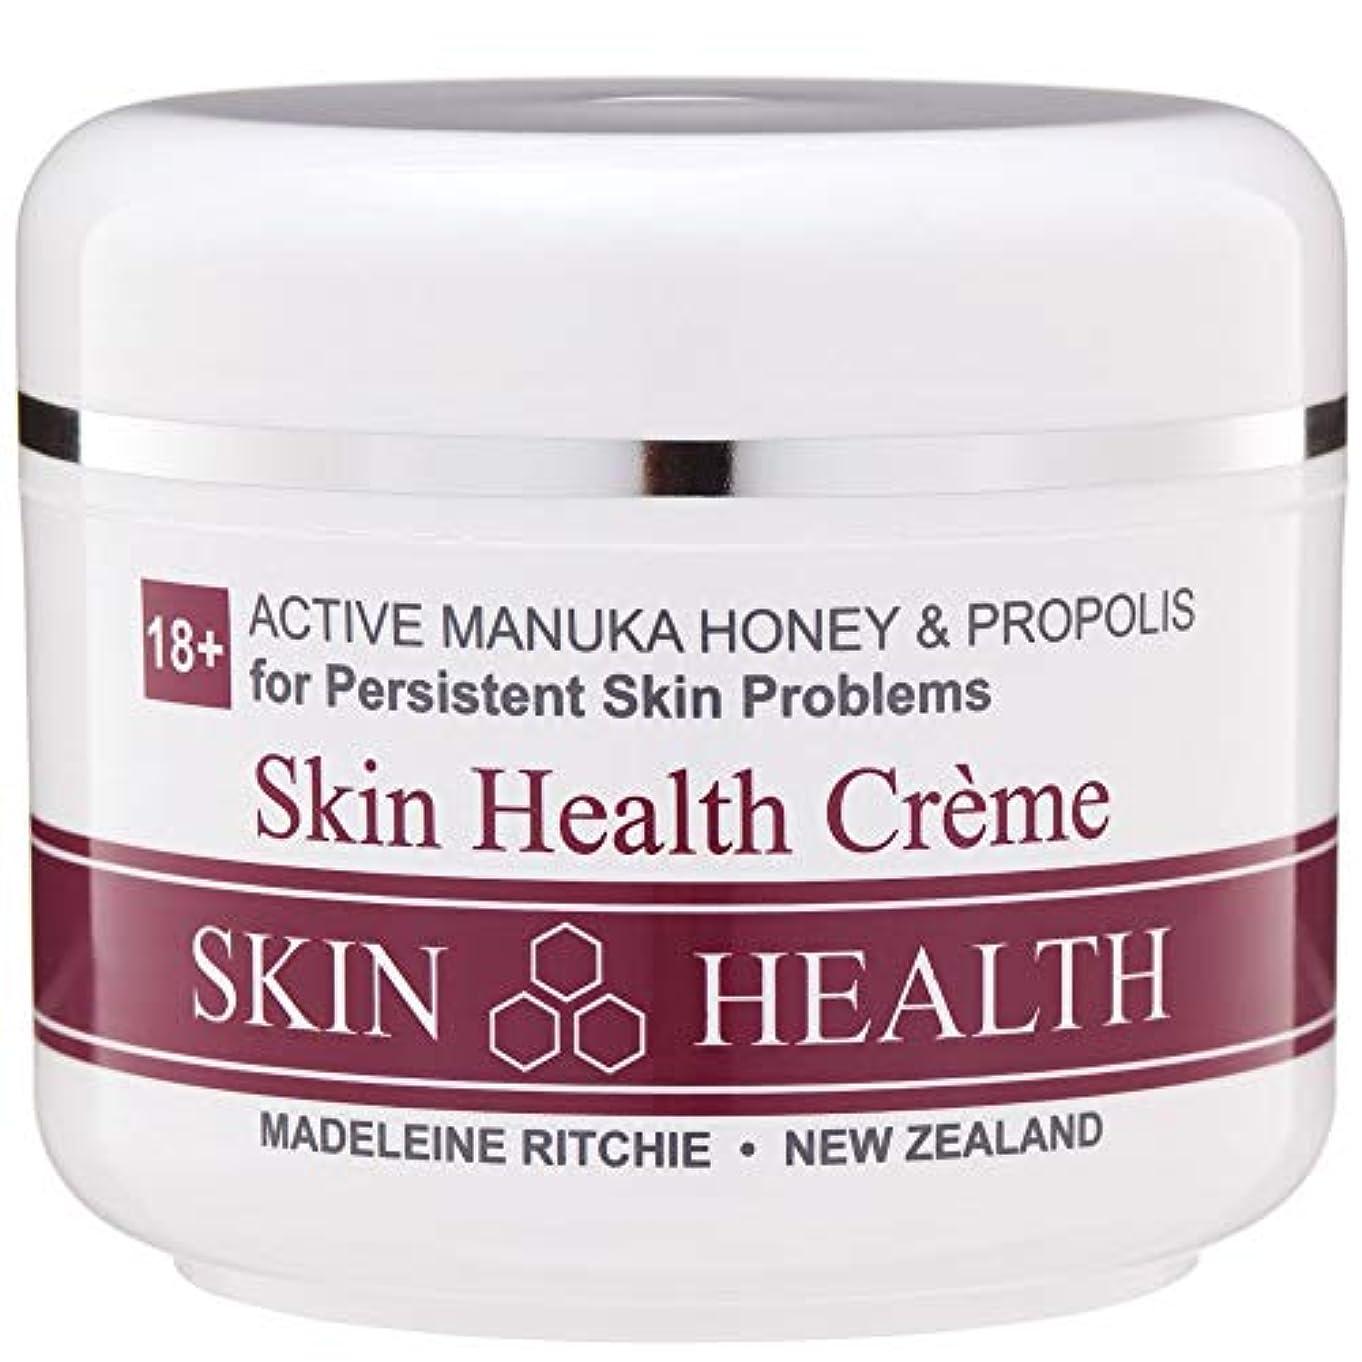 ウェブ脇に汚れるMadeleine Ritchie New Zealand 18+ Active Manuka Honey Skin Health Cream Jar 100ml